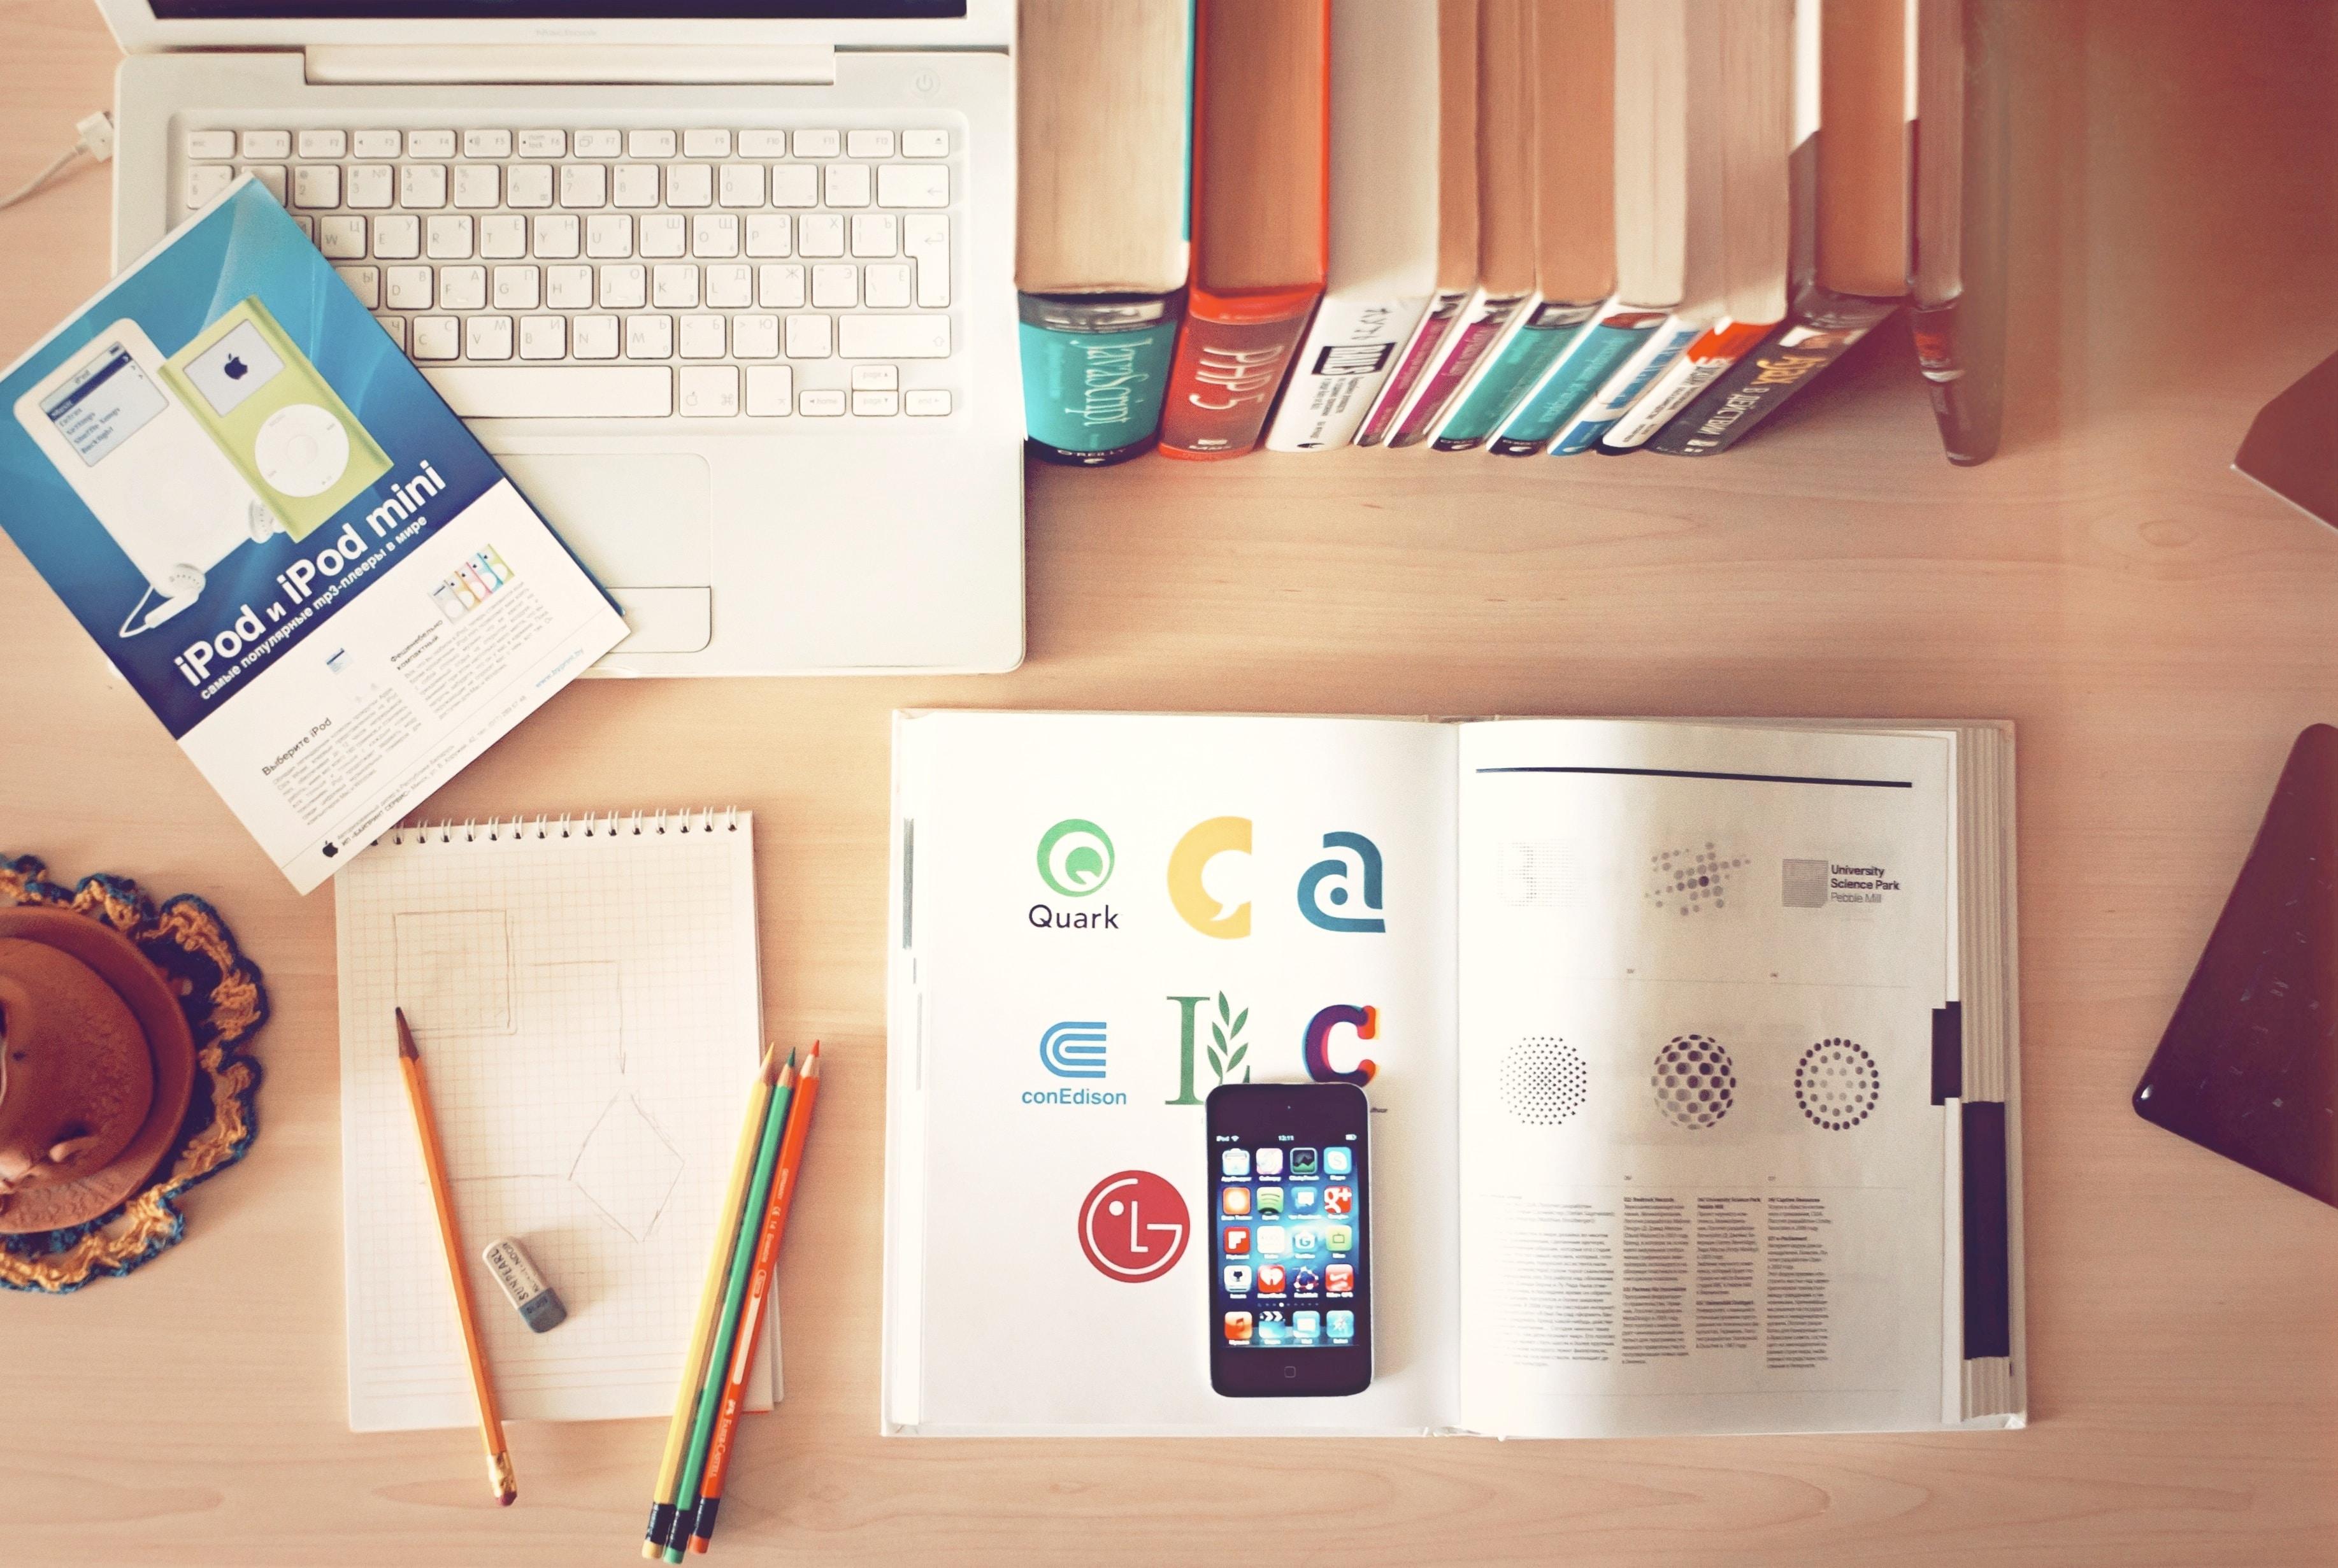 Образование онлайн: может ли интернет заменить школу? :: РБК Тренды